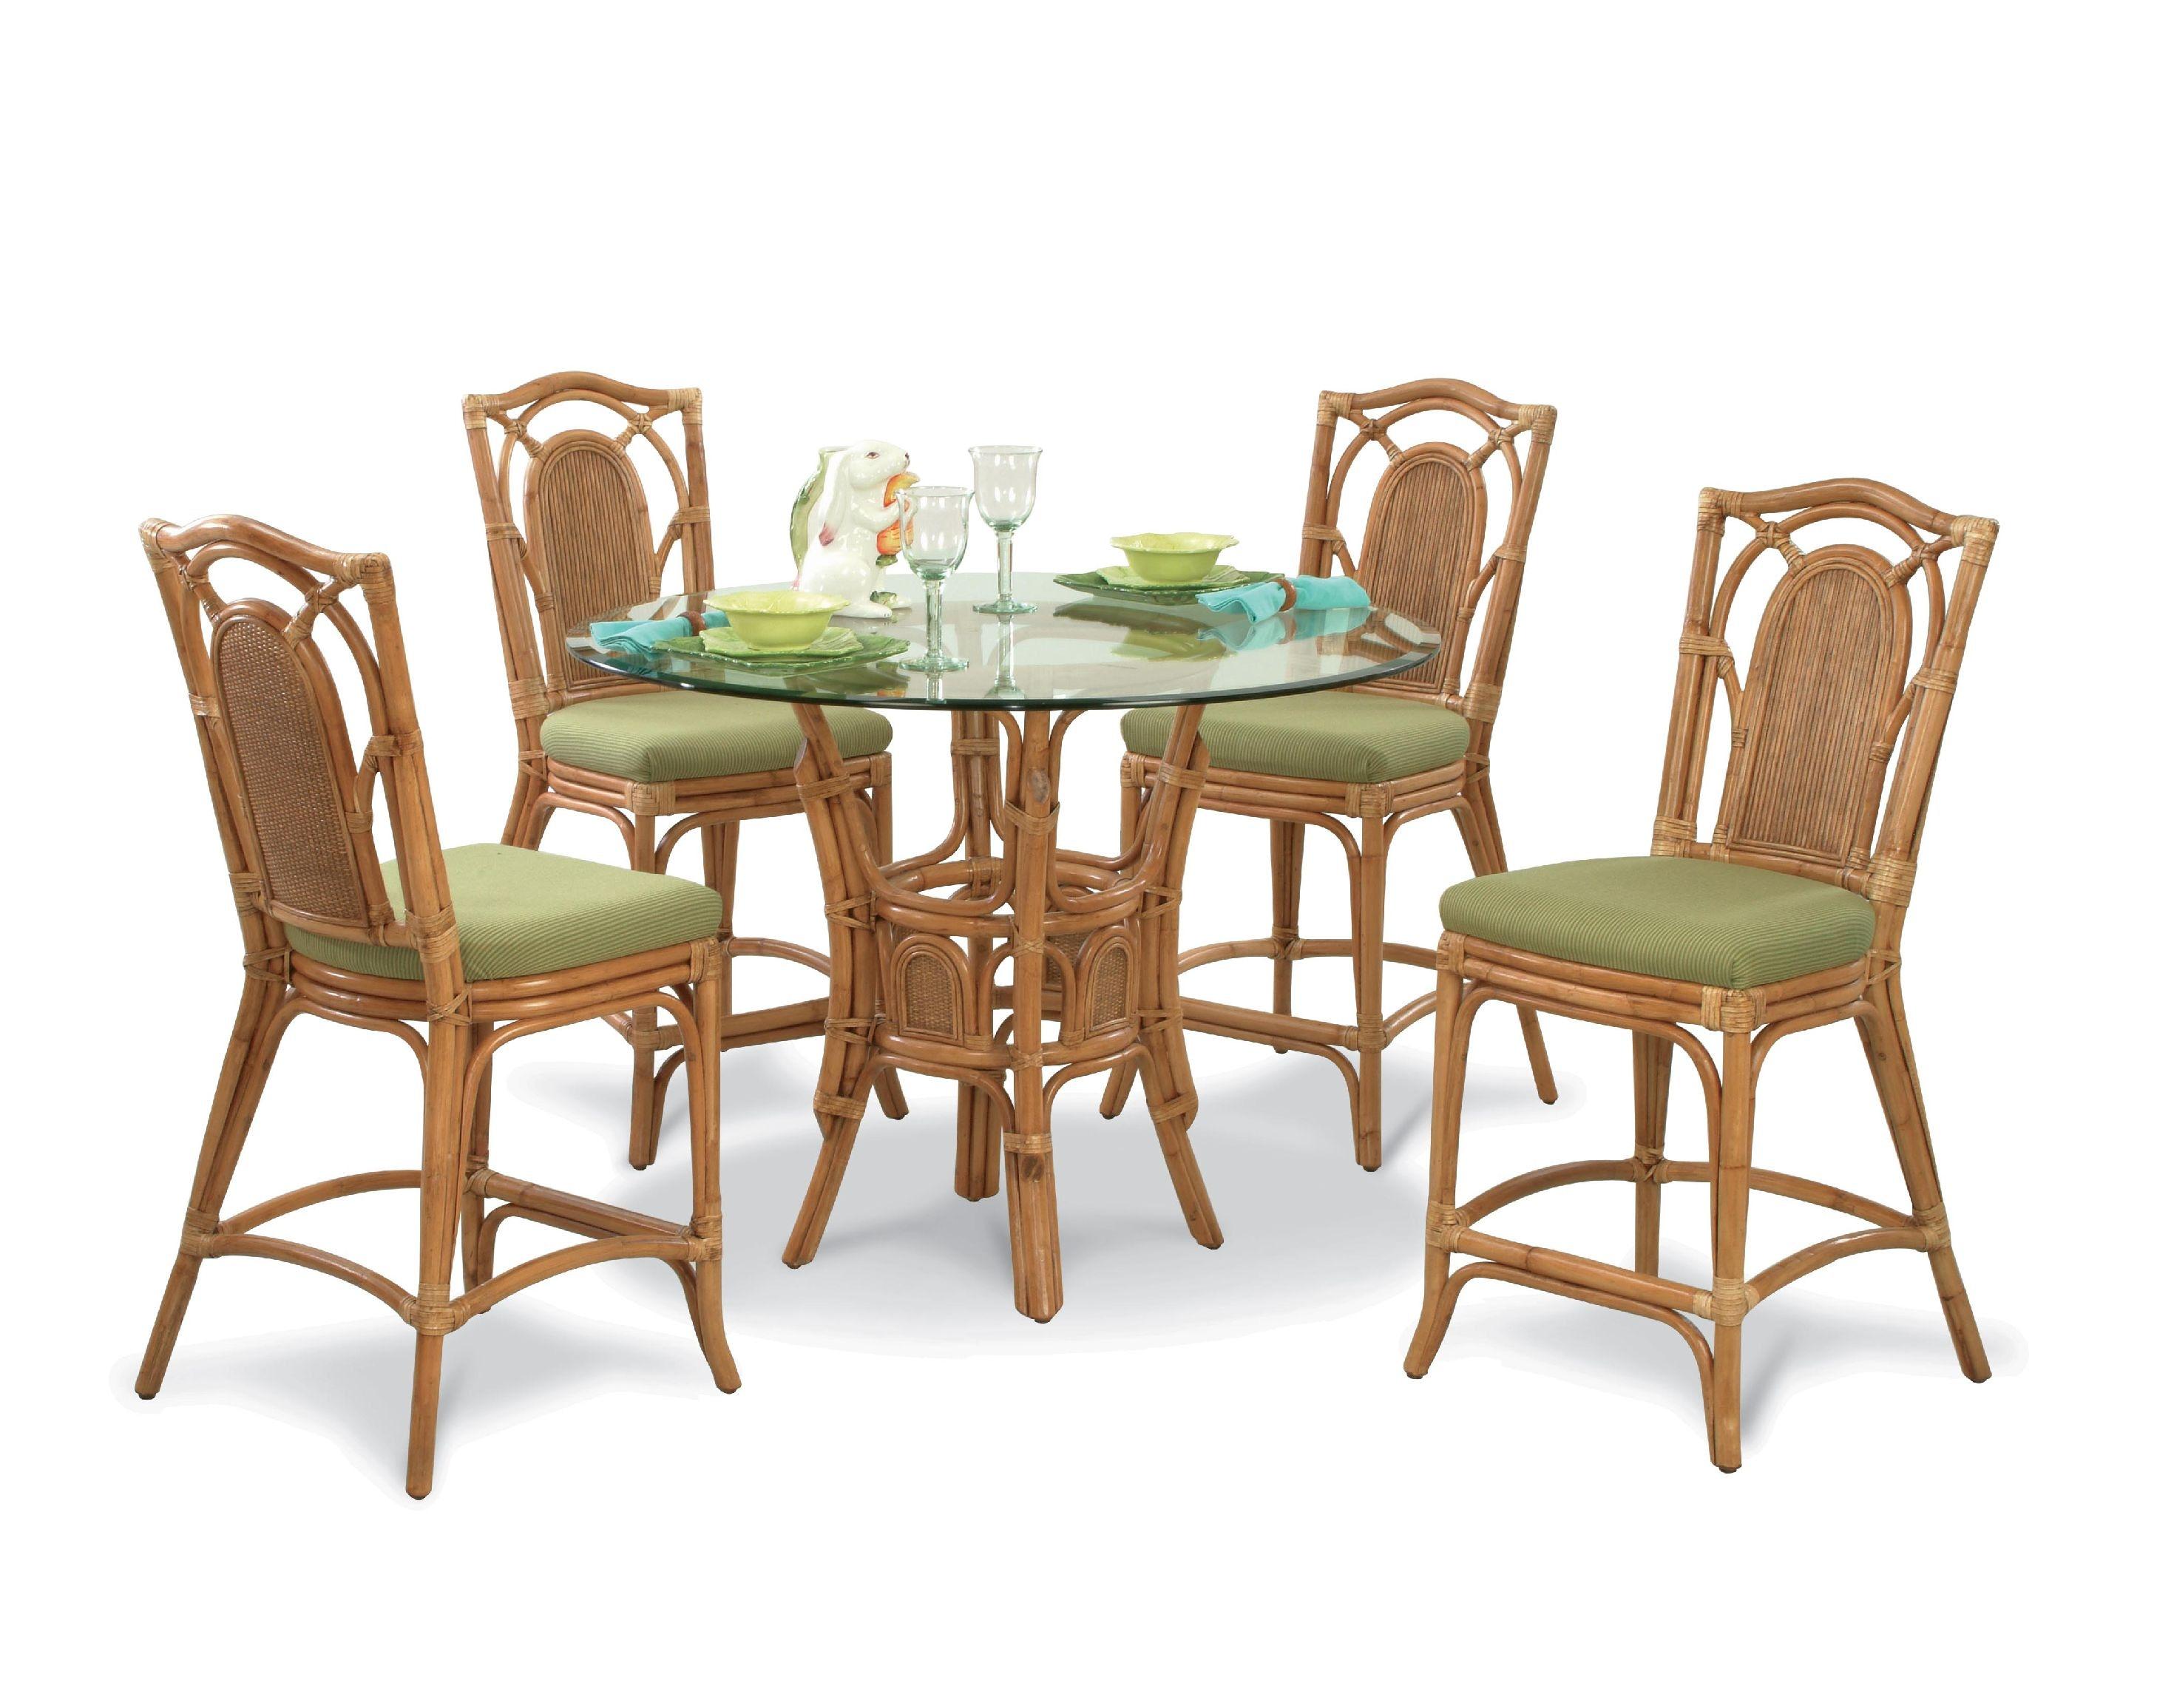 Braxton Culler Dining Room Dining Table 981 075 Turner